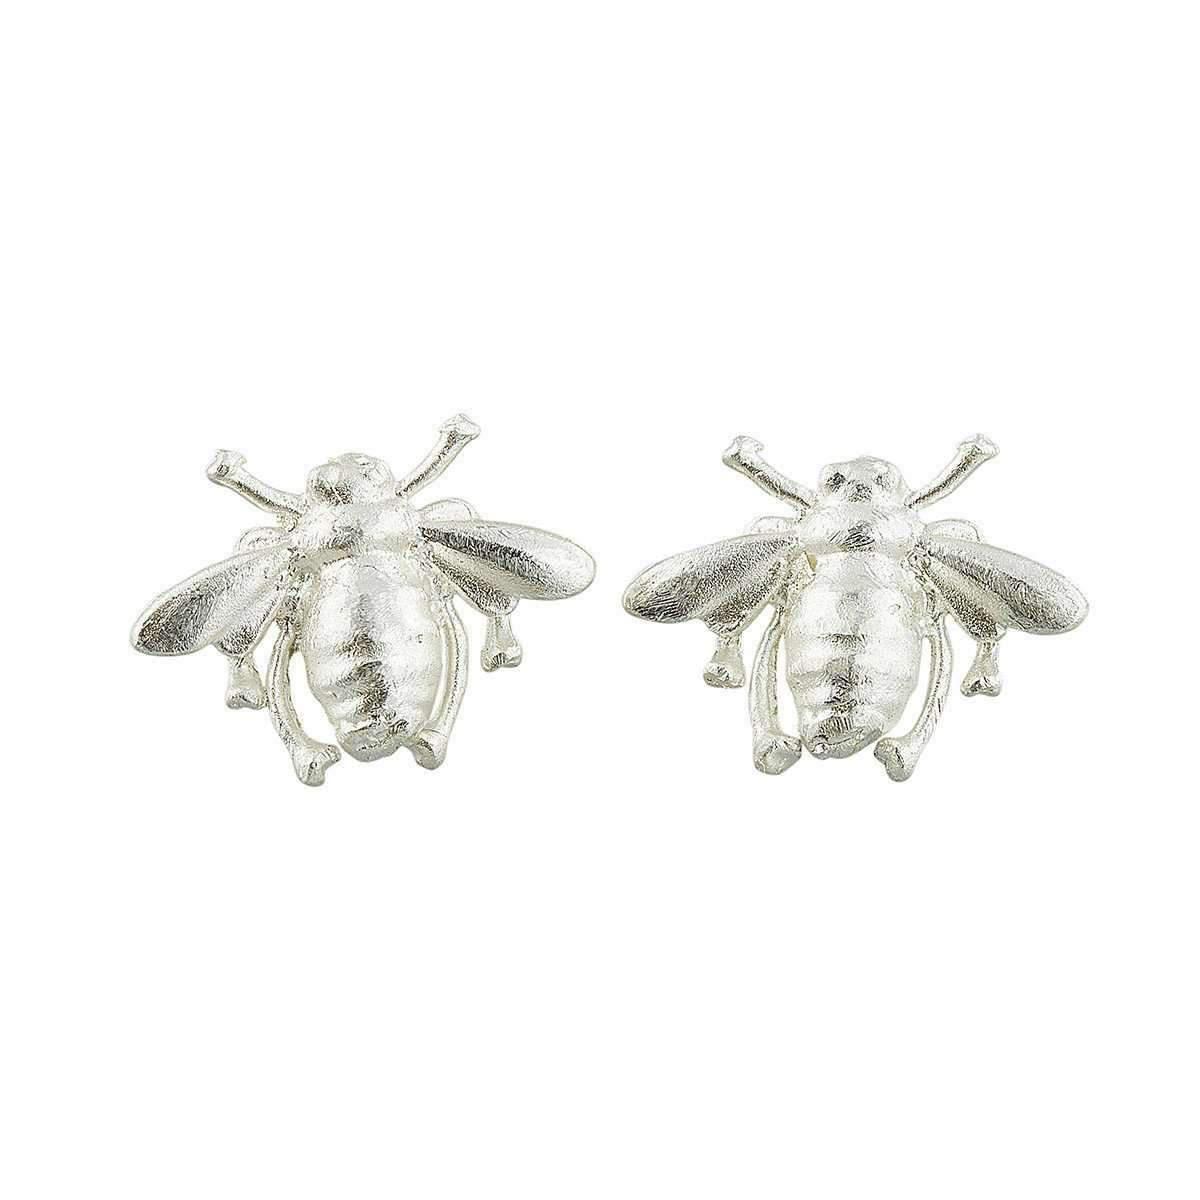 Deborah Blyth Jewellery Gold Bee Stud Earrings 9h8XwcG